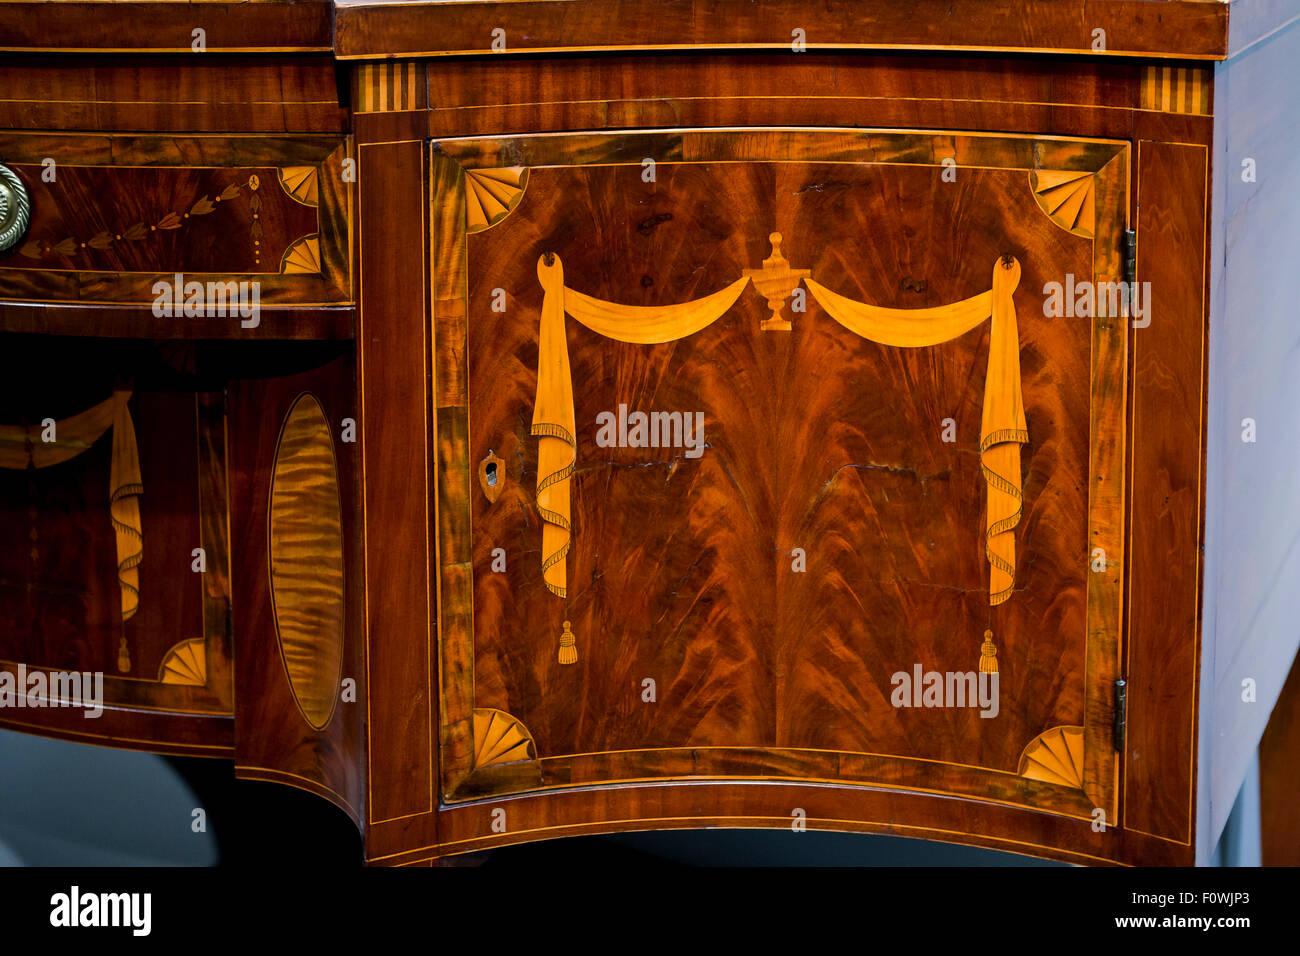 Antica credenza in mogano e satinwood intarsio, circa 1793 ( antico fatto a mano American mobili in legno) Immagini Stock